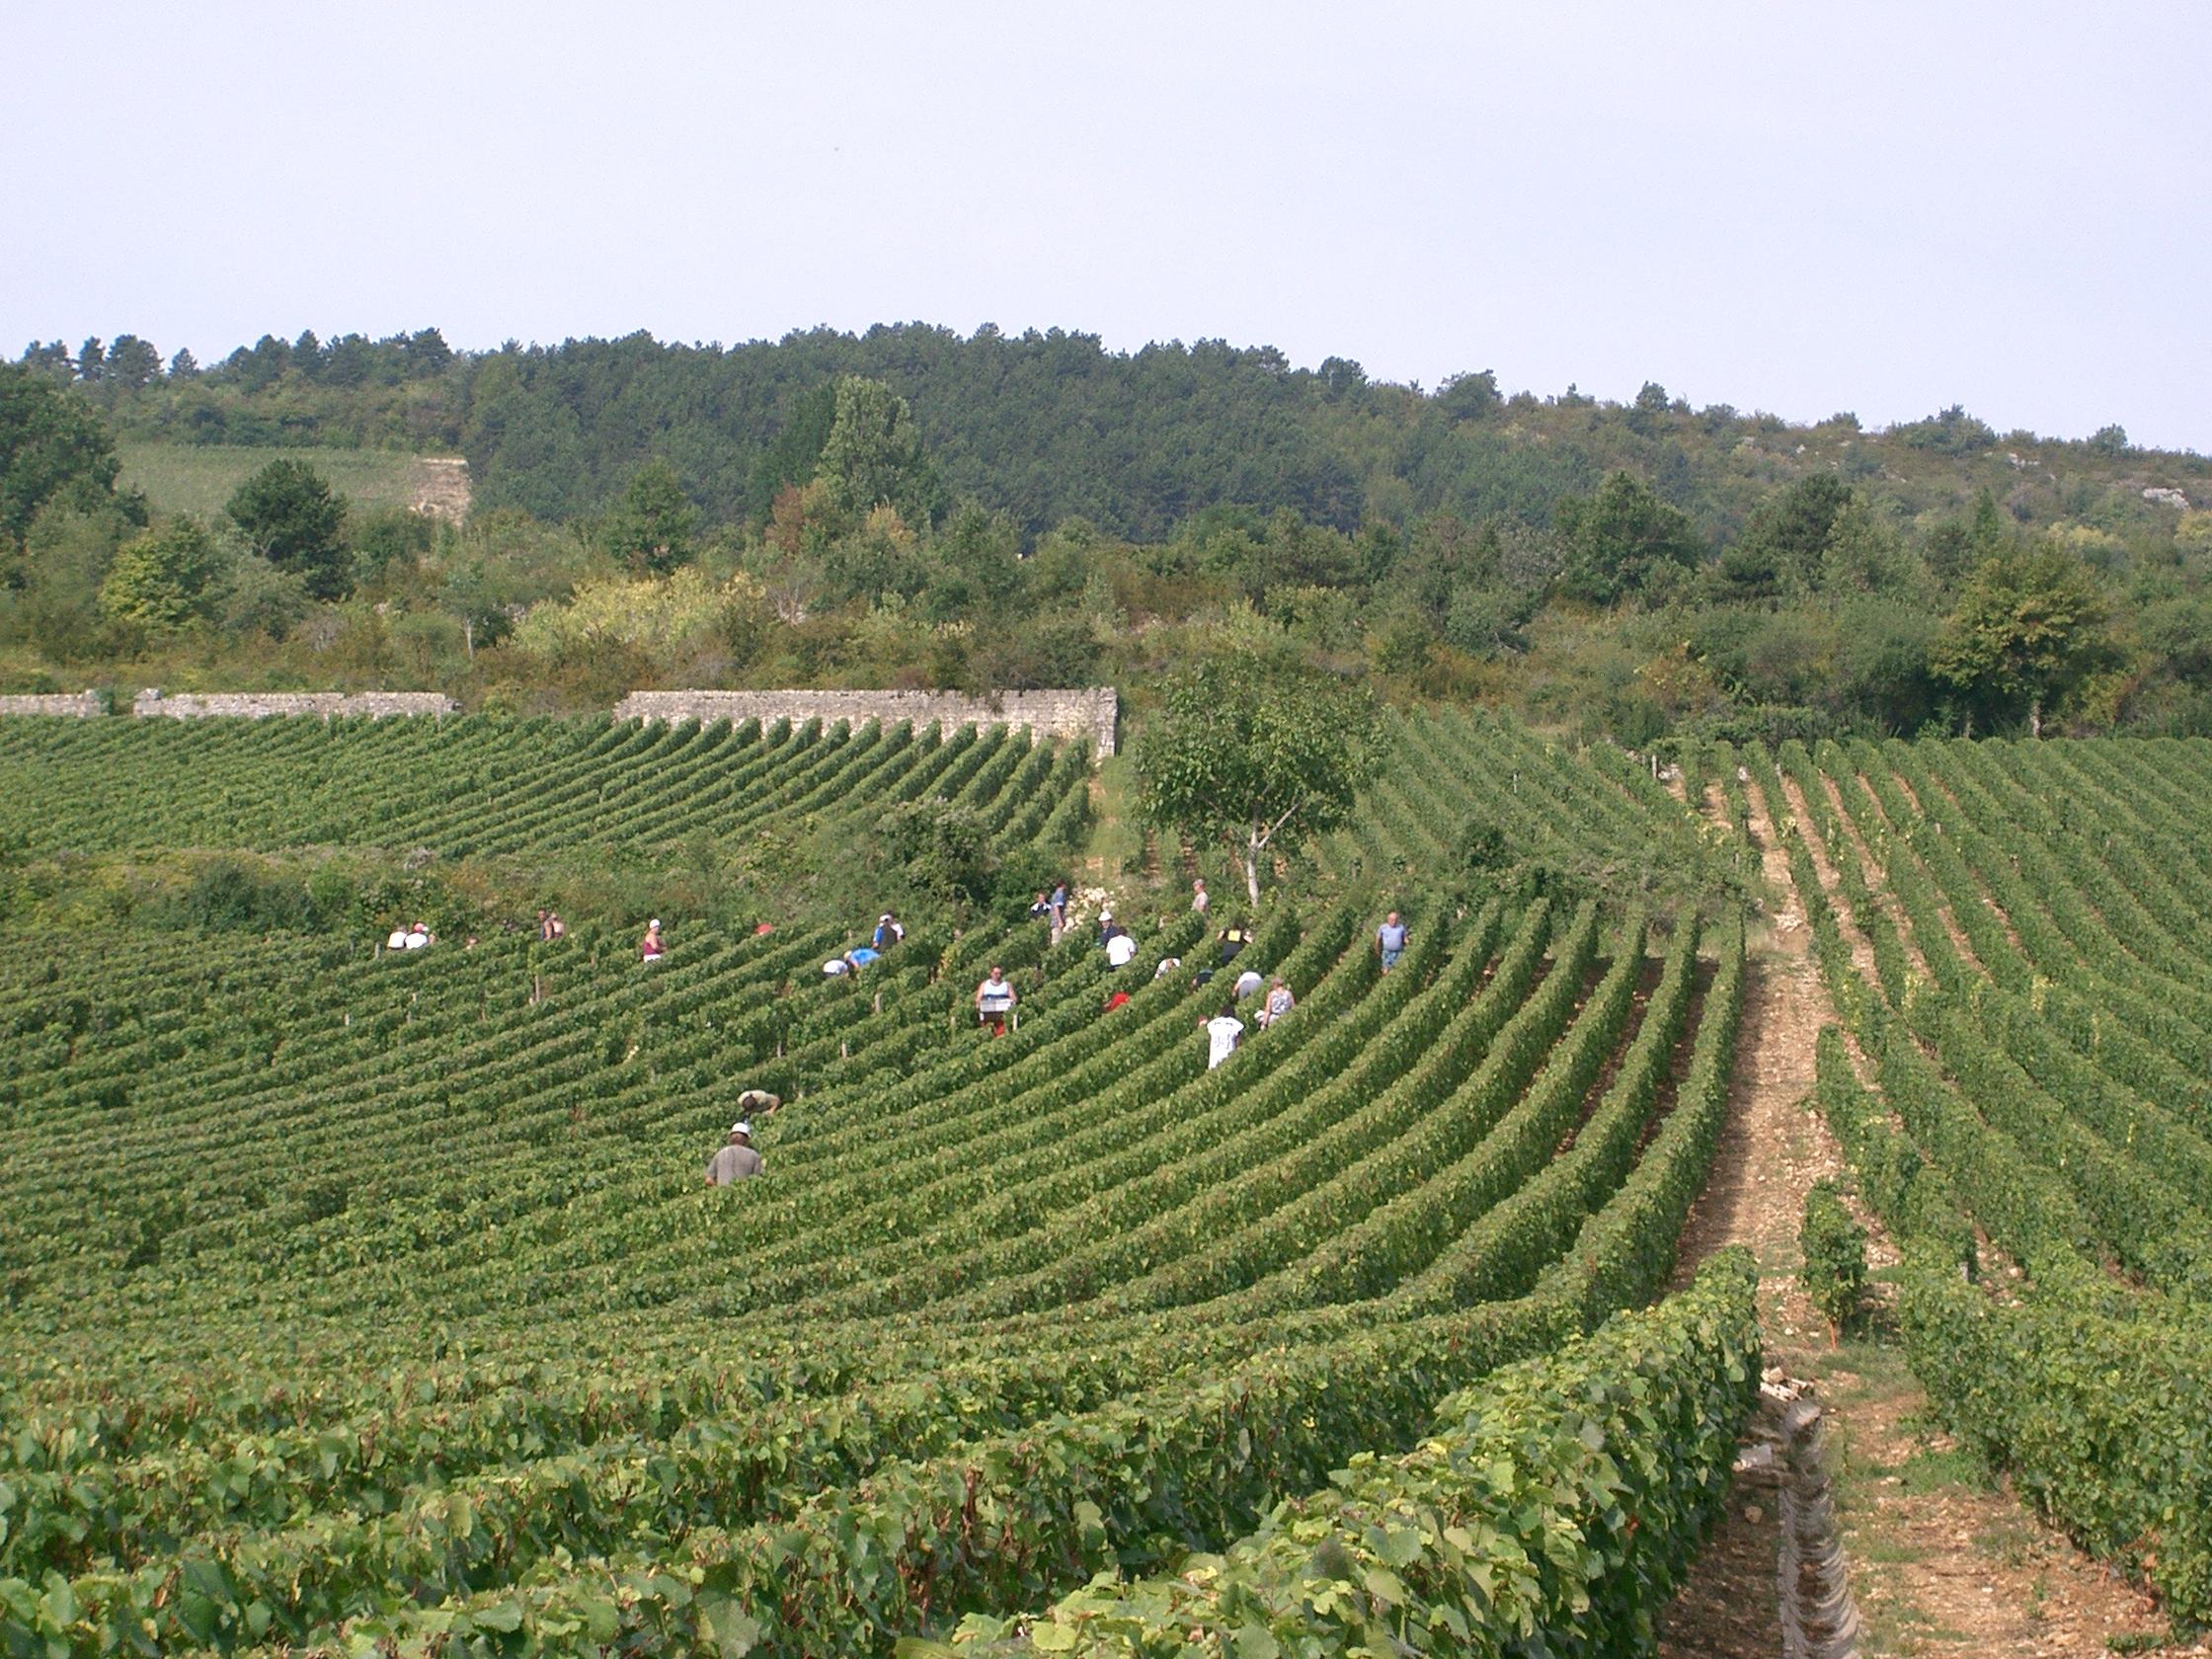 Vendanges_à_Meursault_(Bourgogne).jpg